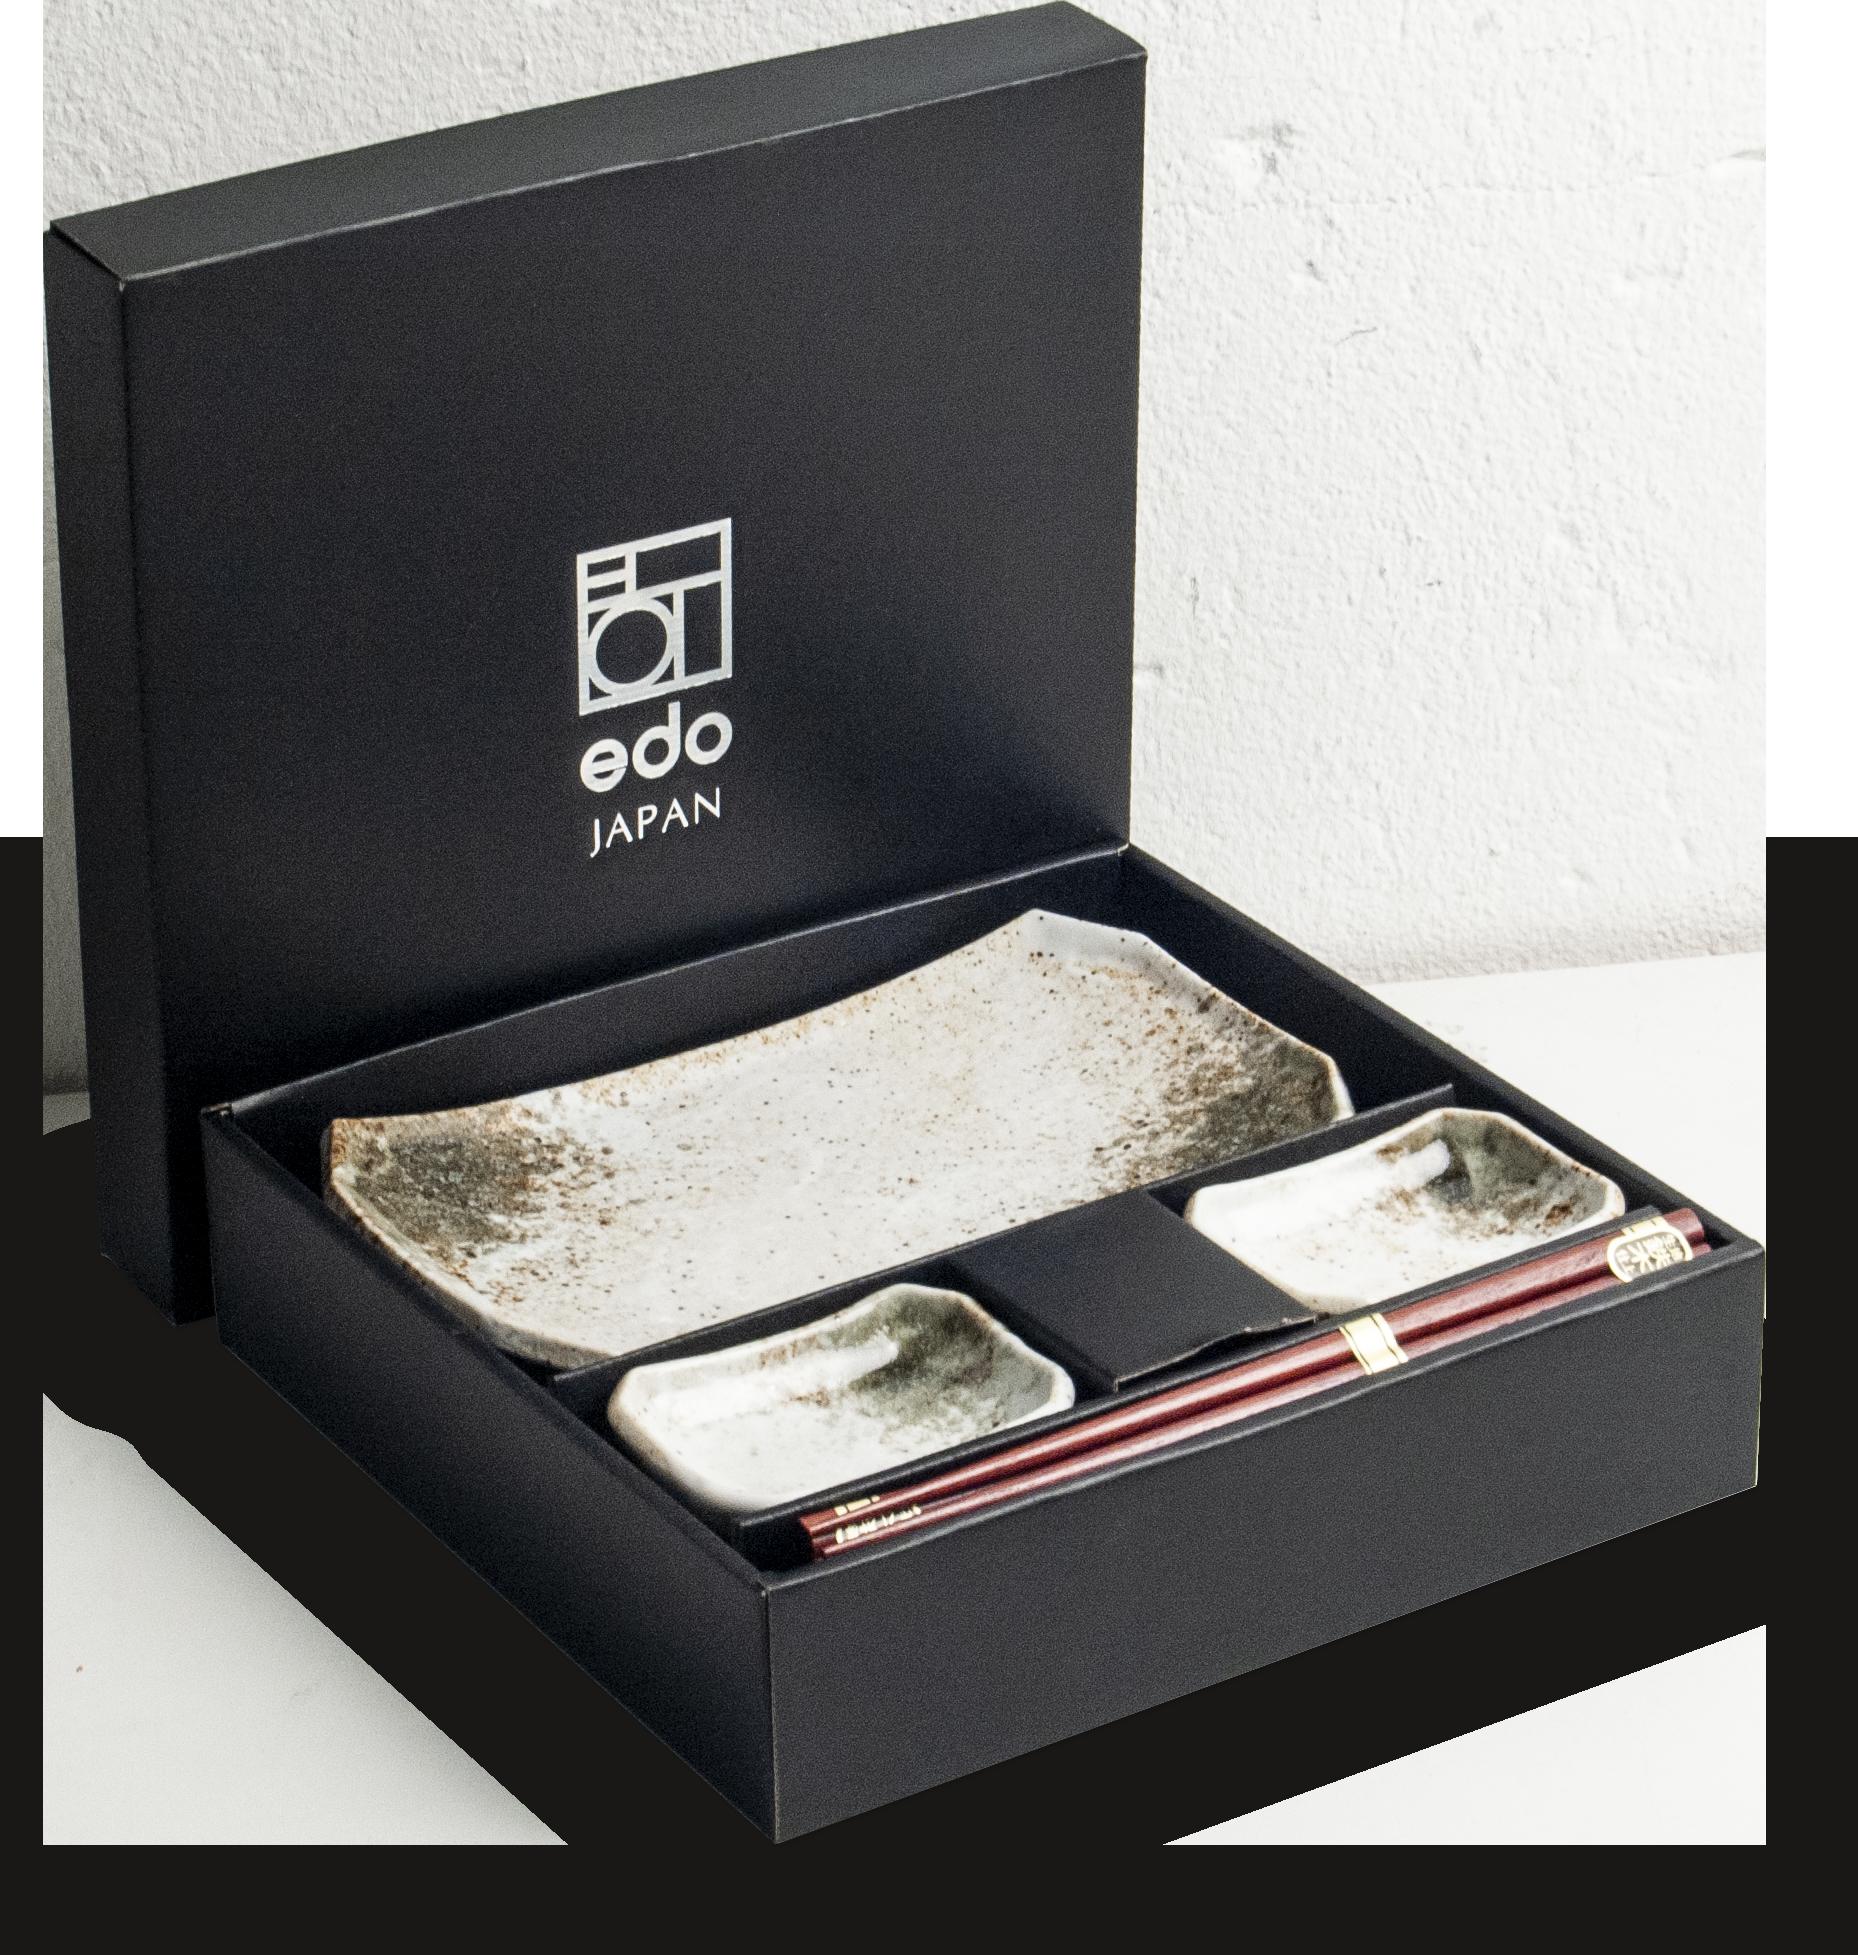 Edo Japan  Edo Japan   HIKARI   Japanisches Sushi Geschirr Set   6-Teilig   für 2 Personen   In Geschenkbox